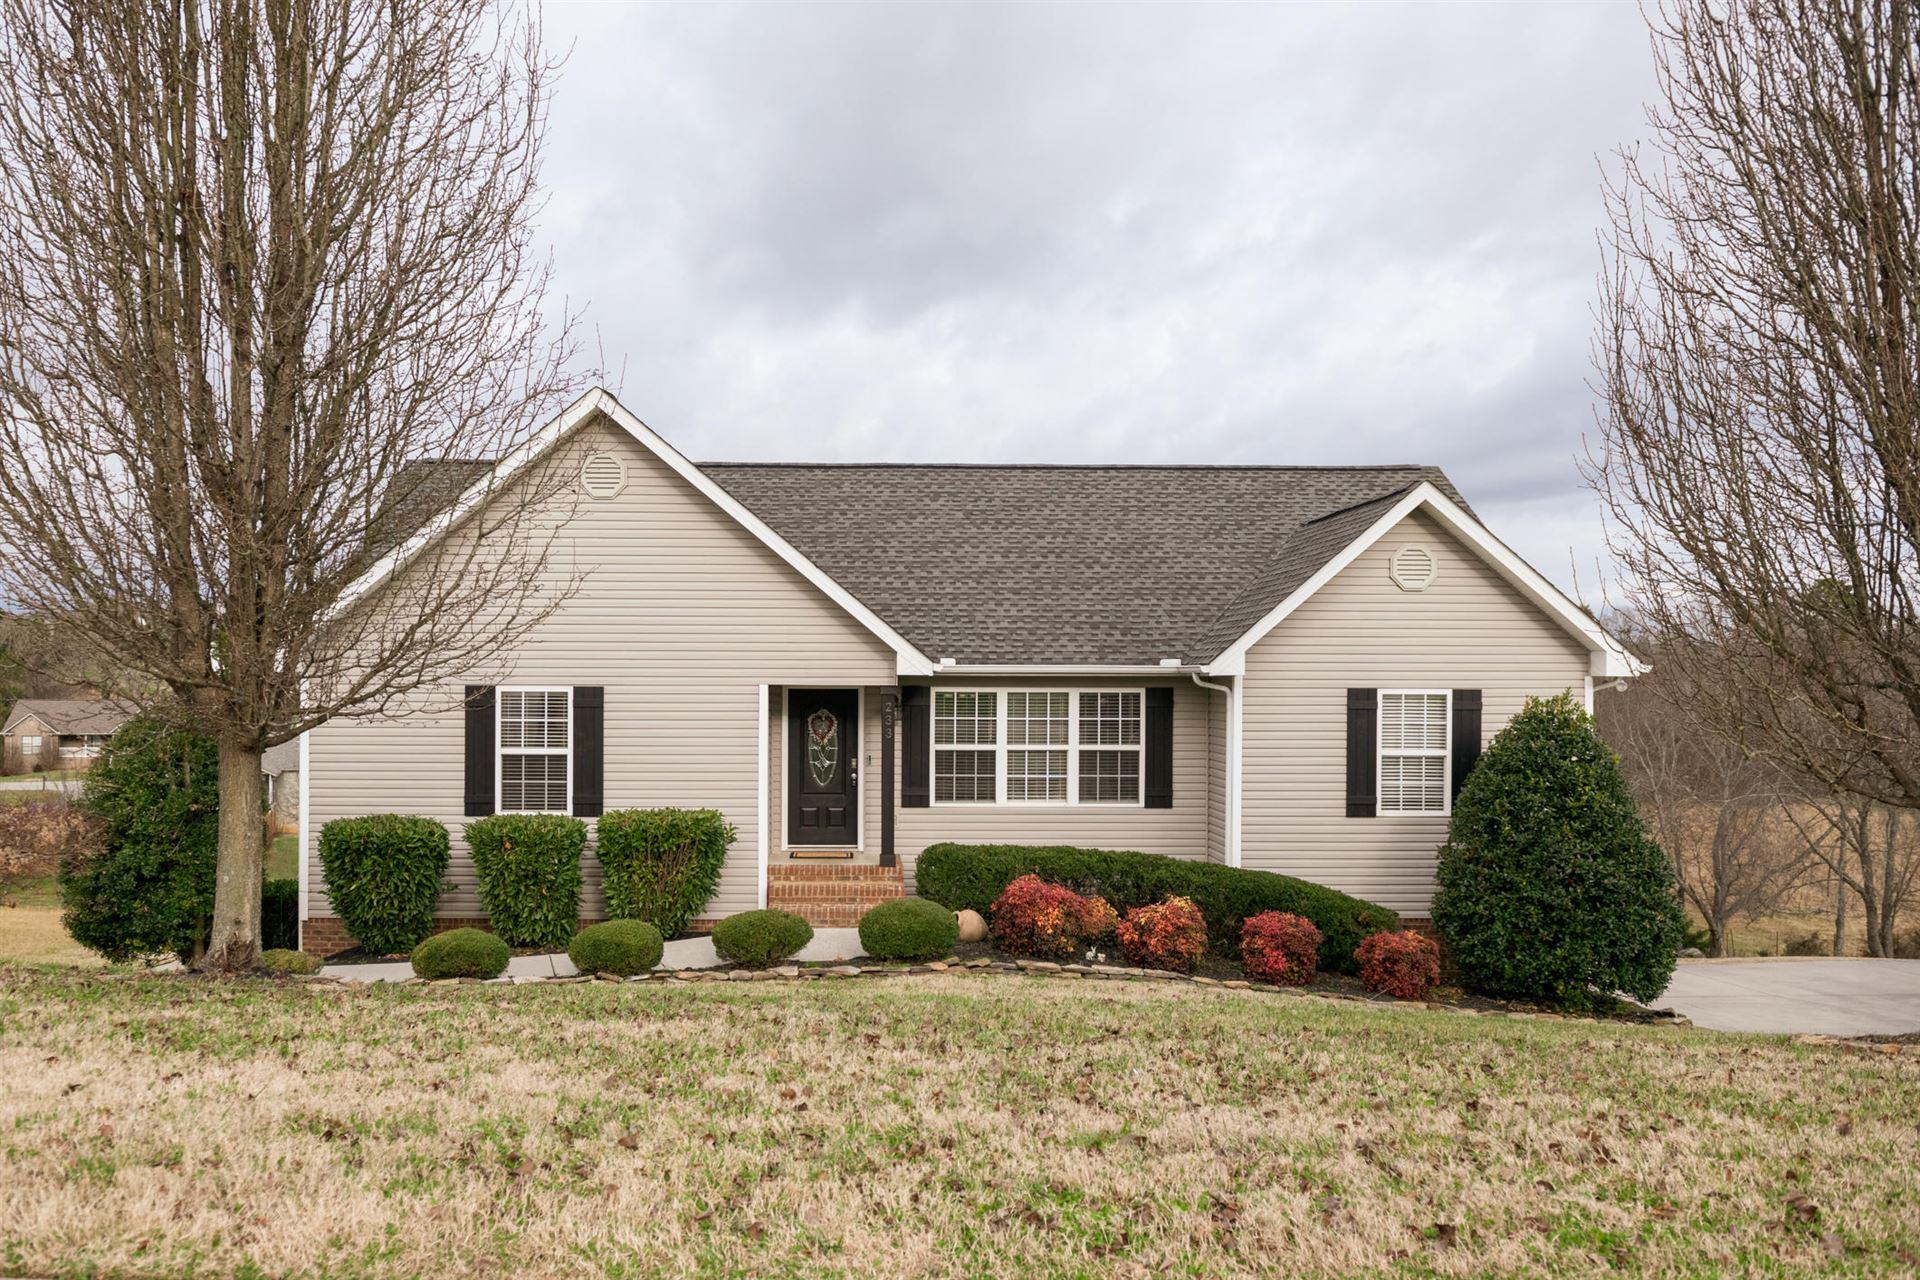 Photo of 233 Ridgefield Drive, Maryville, TN 37804 (MLS # 1140334)